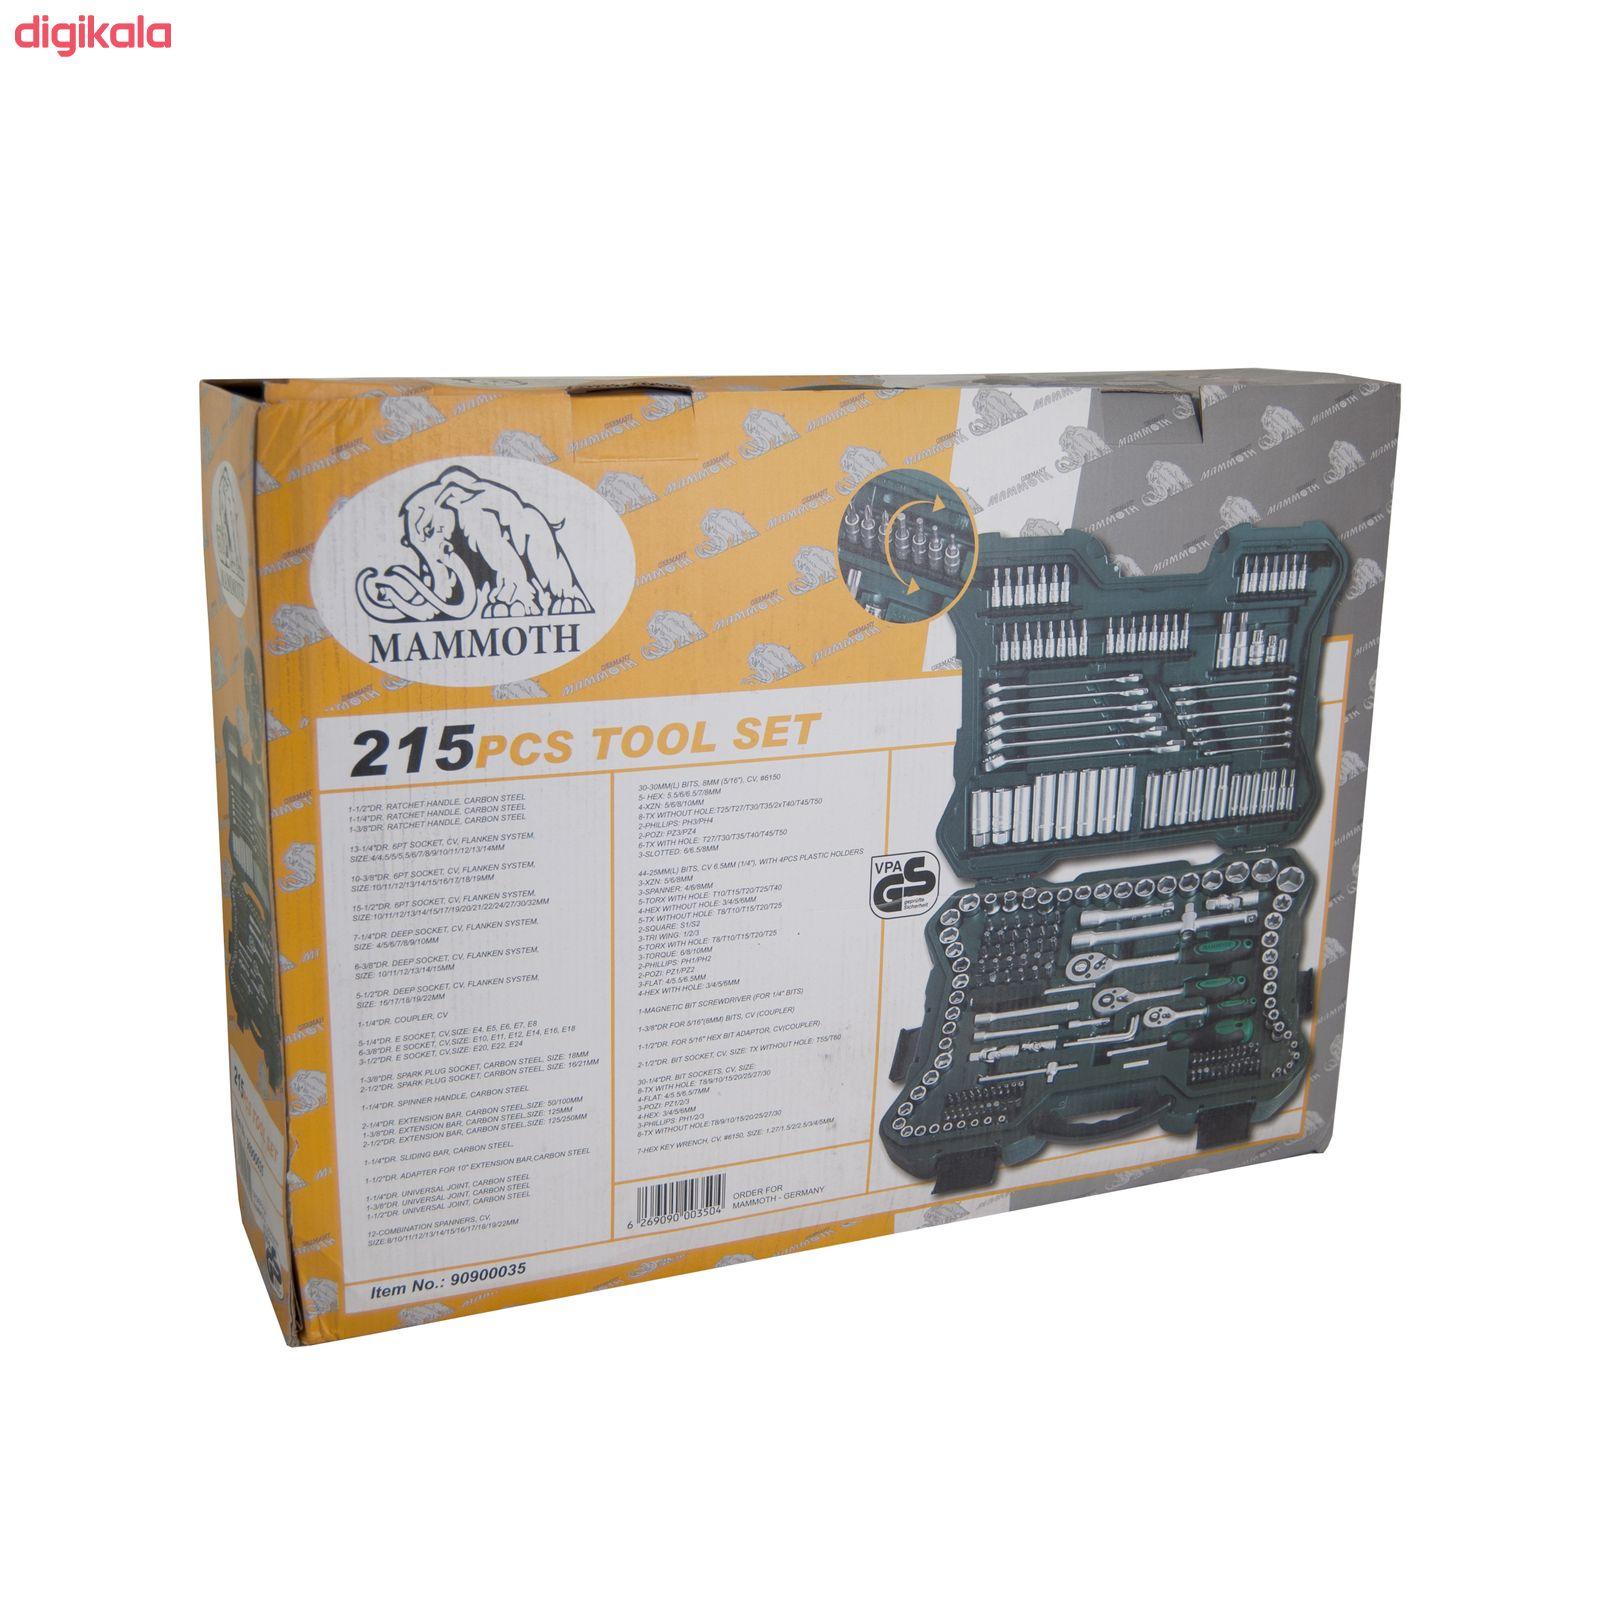 مجموعه 215 عددی آچار بکس و سری پیچ گوشتی ماموت مدل 90900035 main 1 23